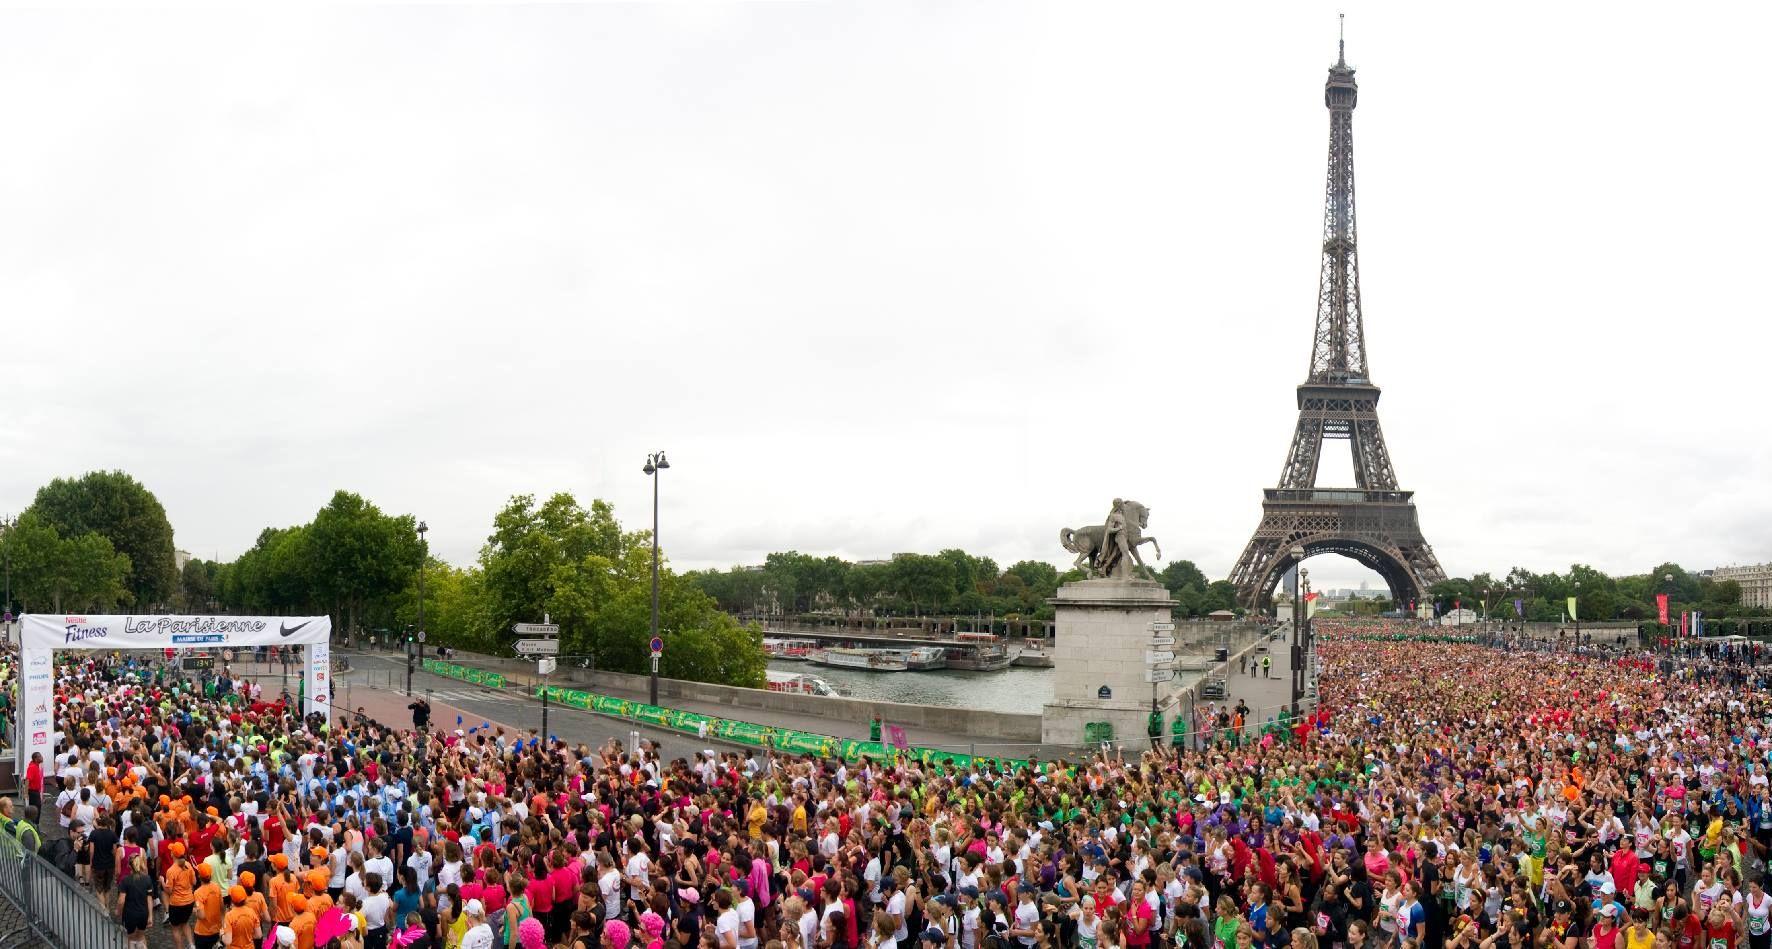 Top départ de la course La Parisienne au Pont d'Iena #vital #magazine #féminin #sport #running #course #laparisienne #paris